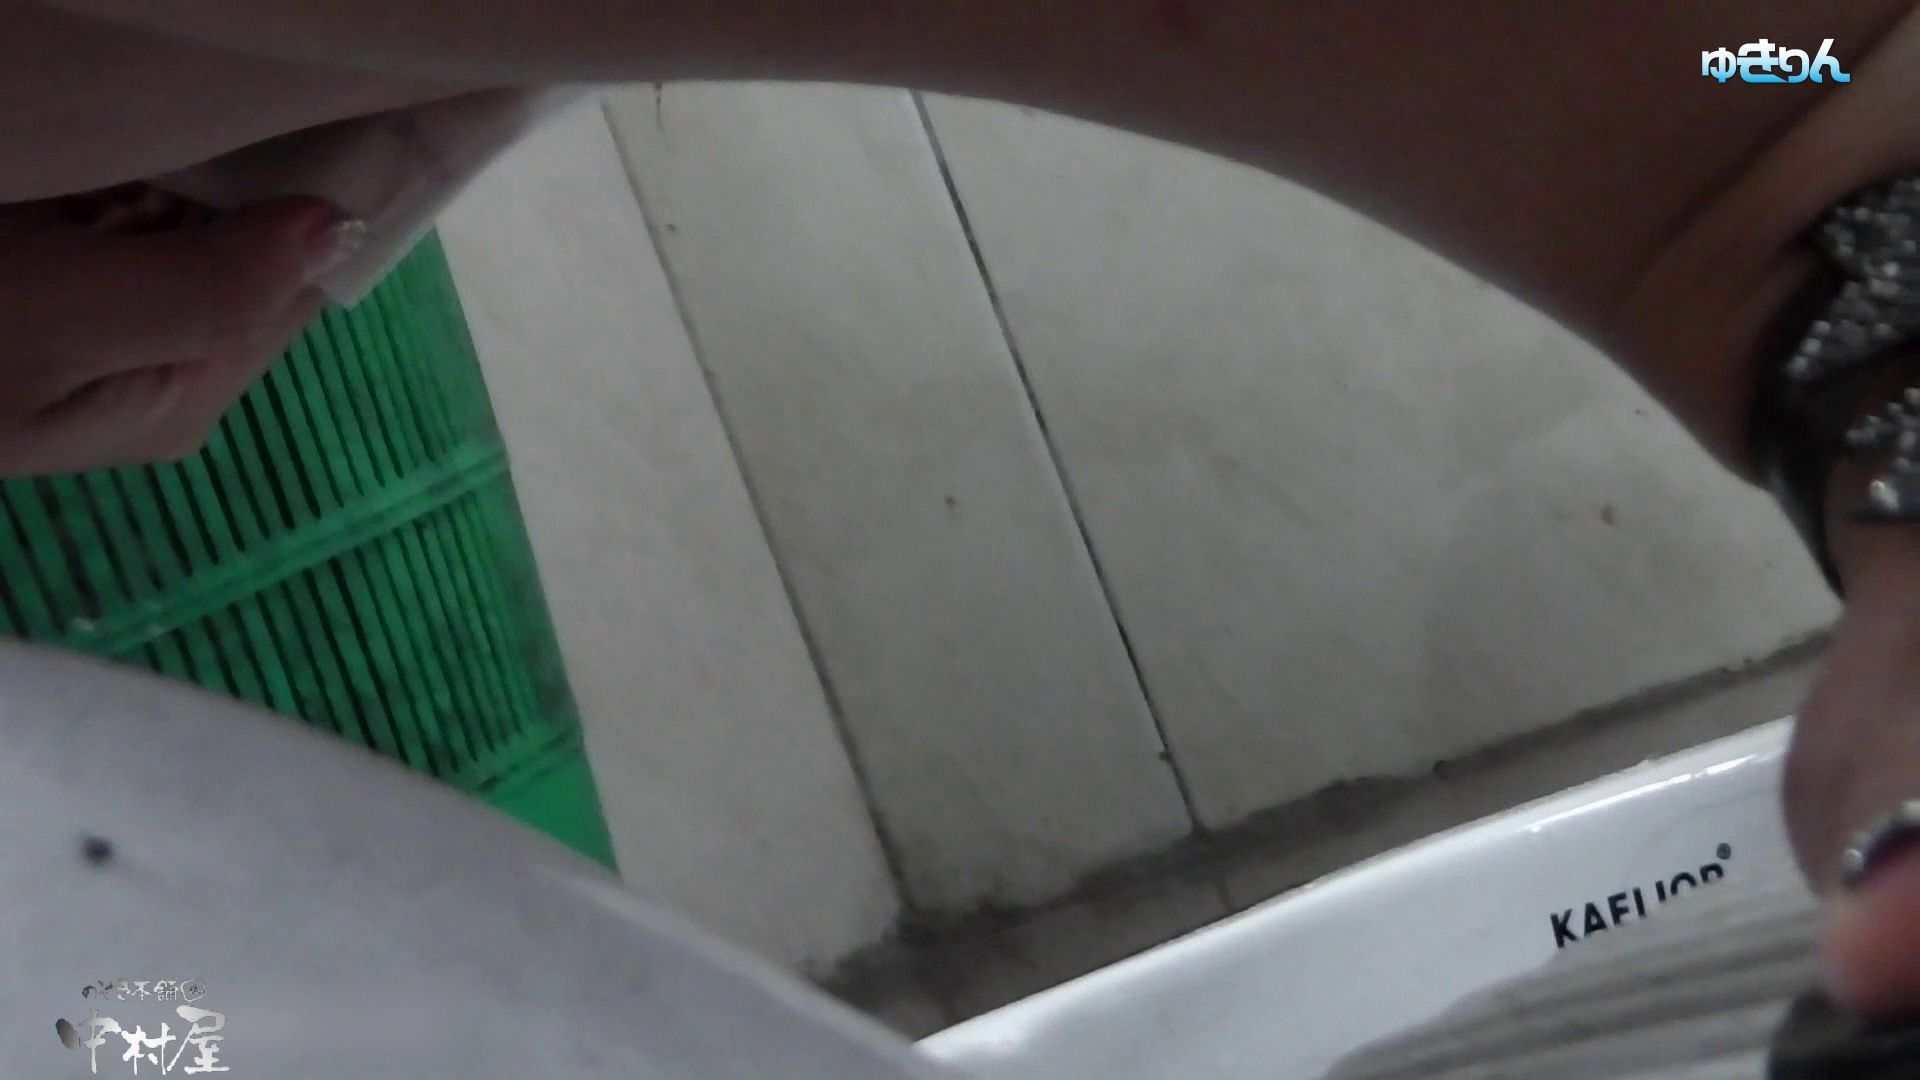 世界の射窓から~ステーション編 vol60 ユキリン粘着撮り!!今回はタイトなパンツが似合う美女 美女まとめ   0  113PIX 37